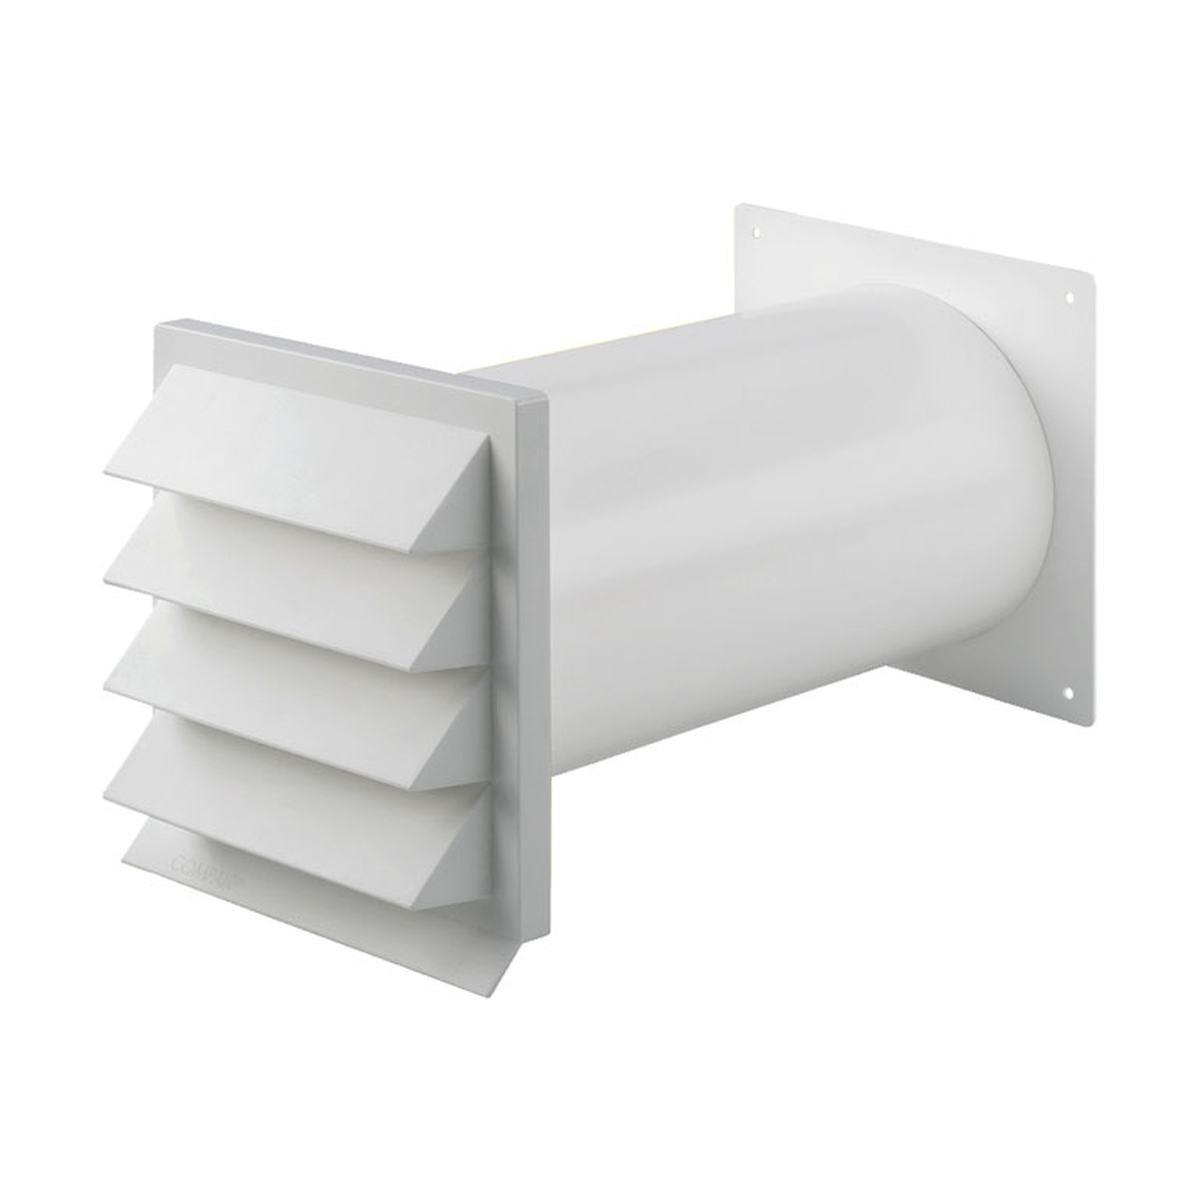 Murgennemføring med faste lameller Ø125 mm. hvid p